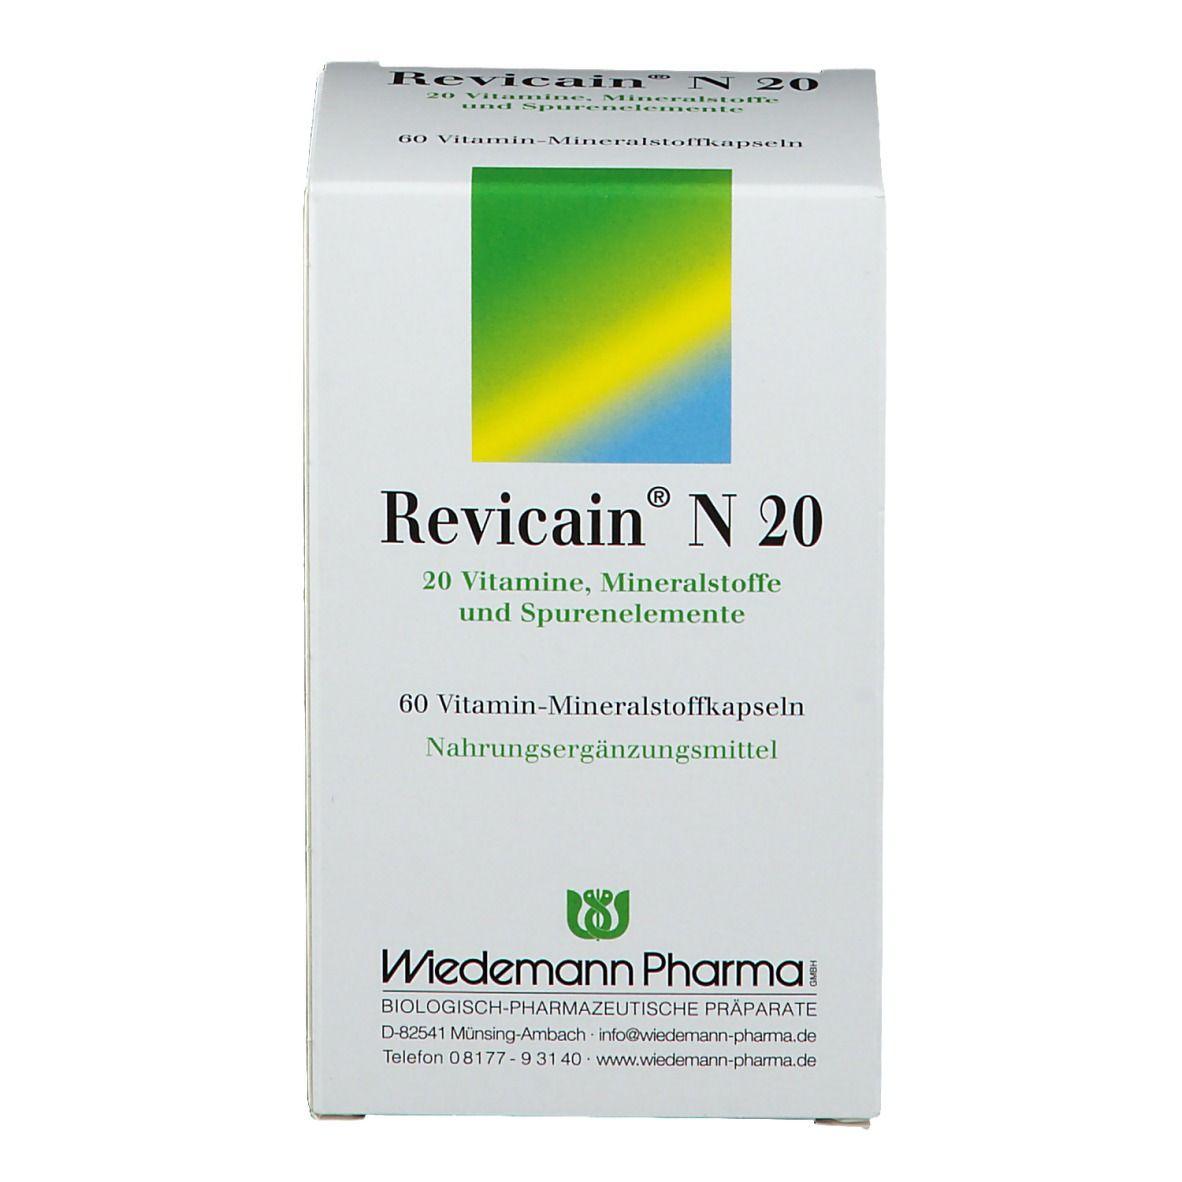 Revicain® N 20